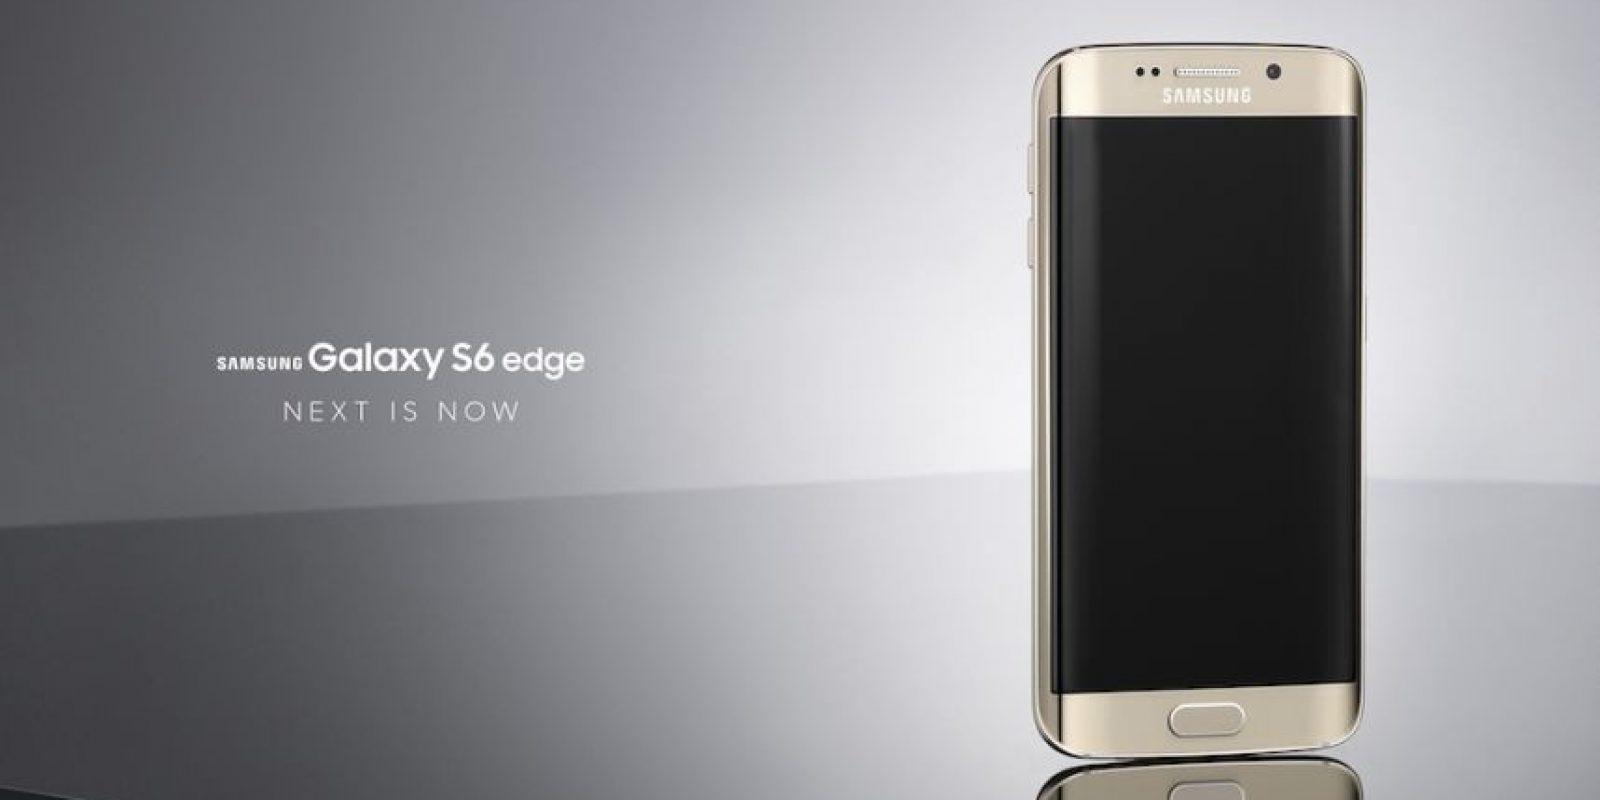 Tiene un procesador Cortex-A53 de cuatro núcleos corriendo a 1.5GHz y un procesador Cortex-A57 de doble núcleo corriendo a 2.1GHz. Foto:Samsung